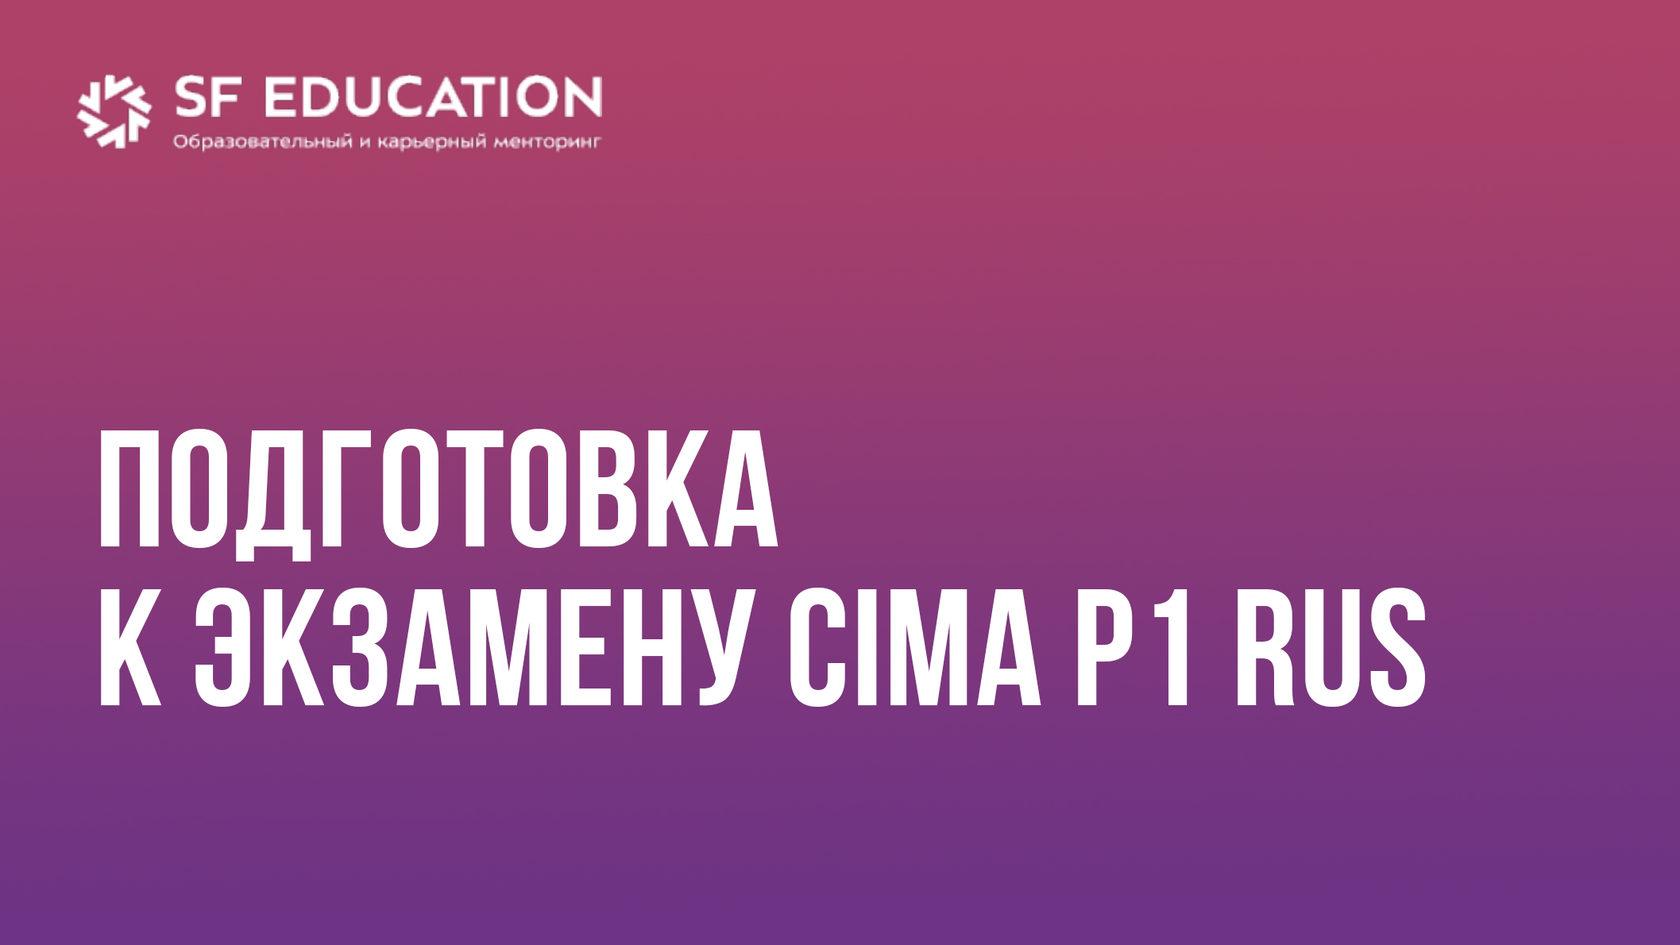 Подготовка к экзамену CIMA P1 Rus